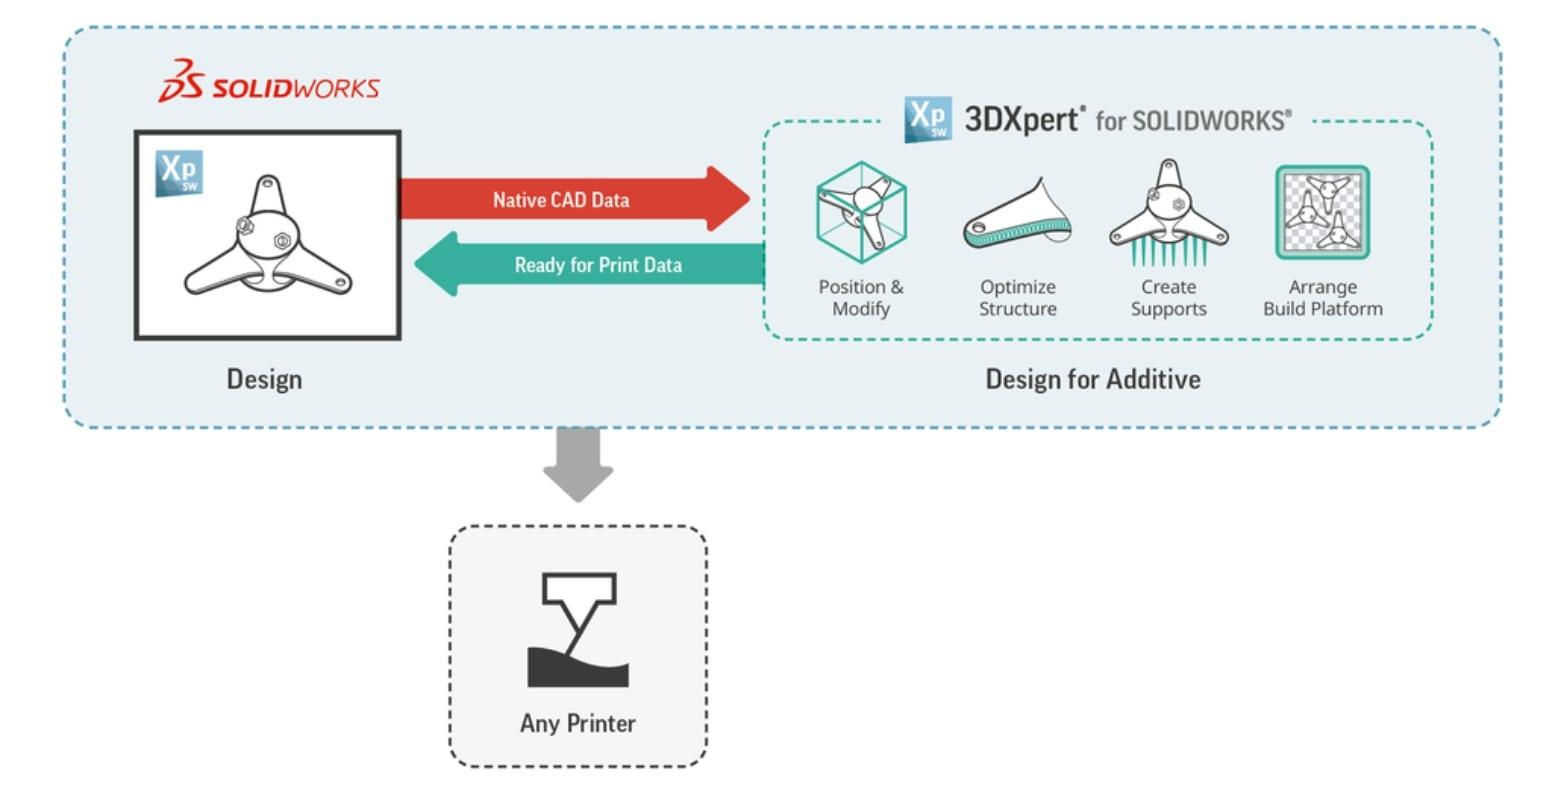 3dXpert-for-solidworks-vihoth